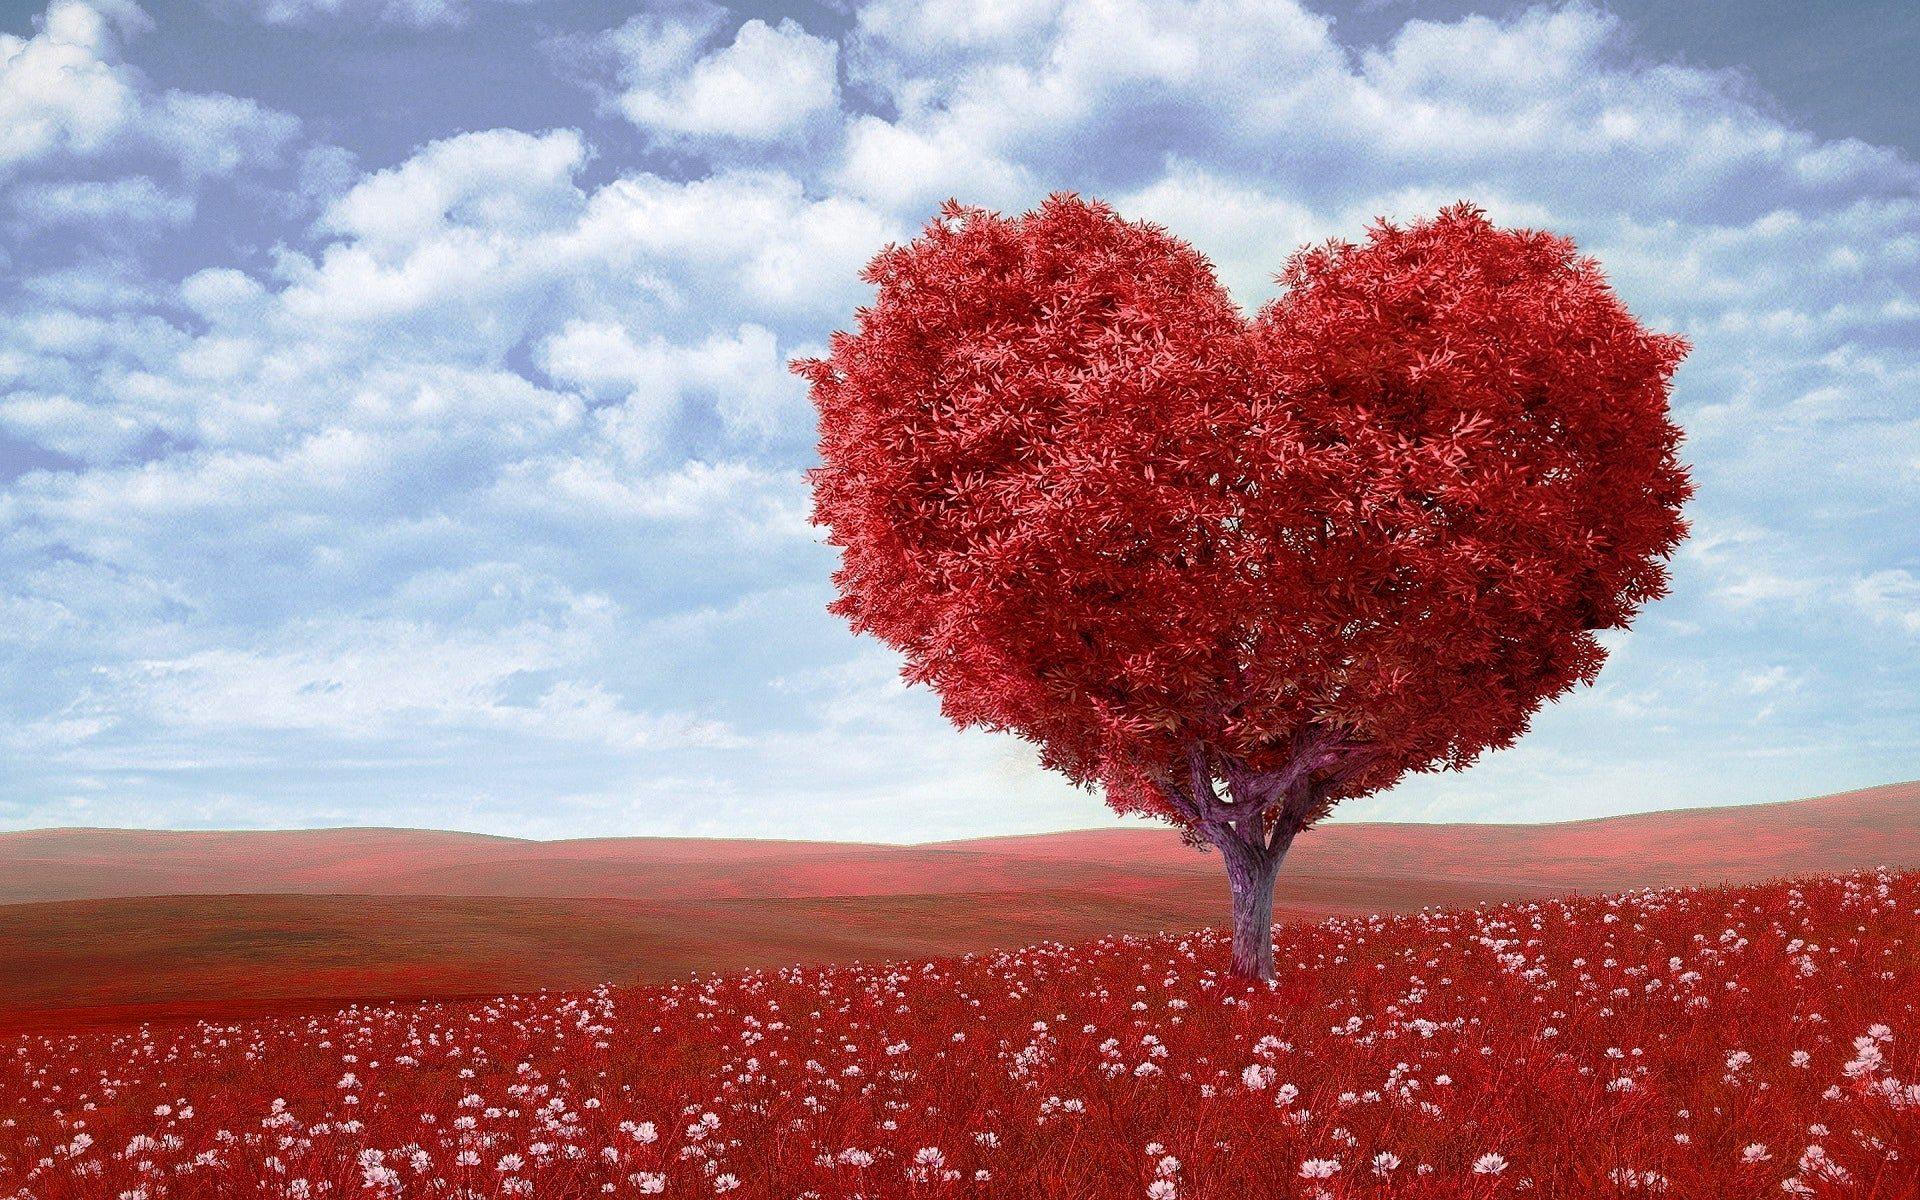 Comment faire un test réel de compatibilité amoureuse